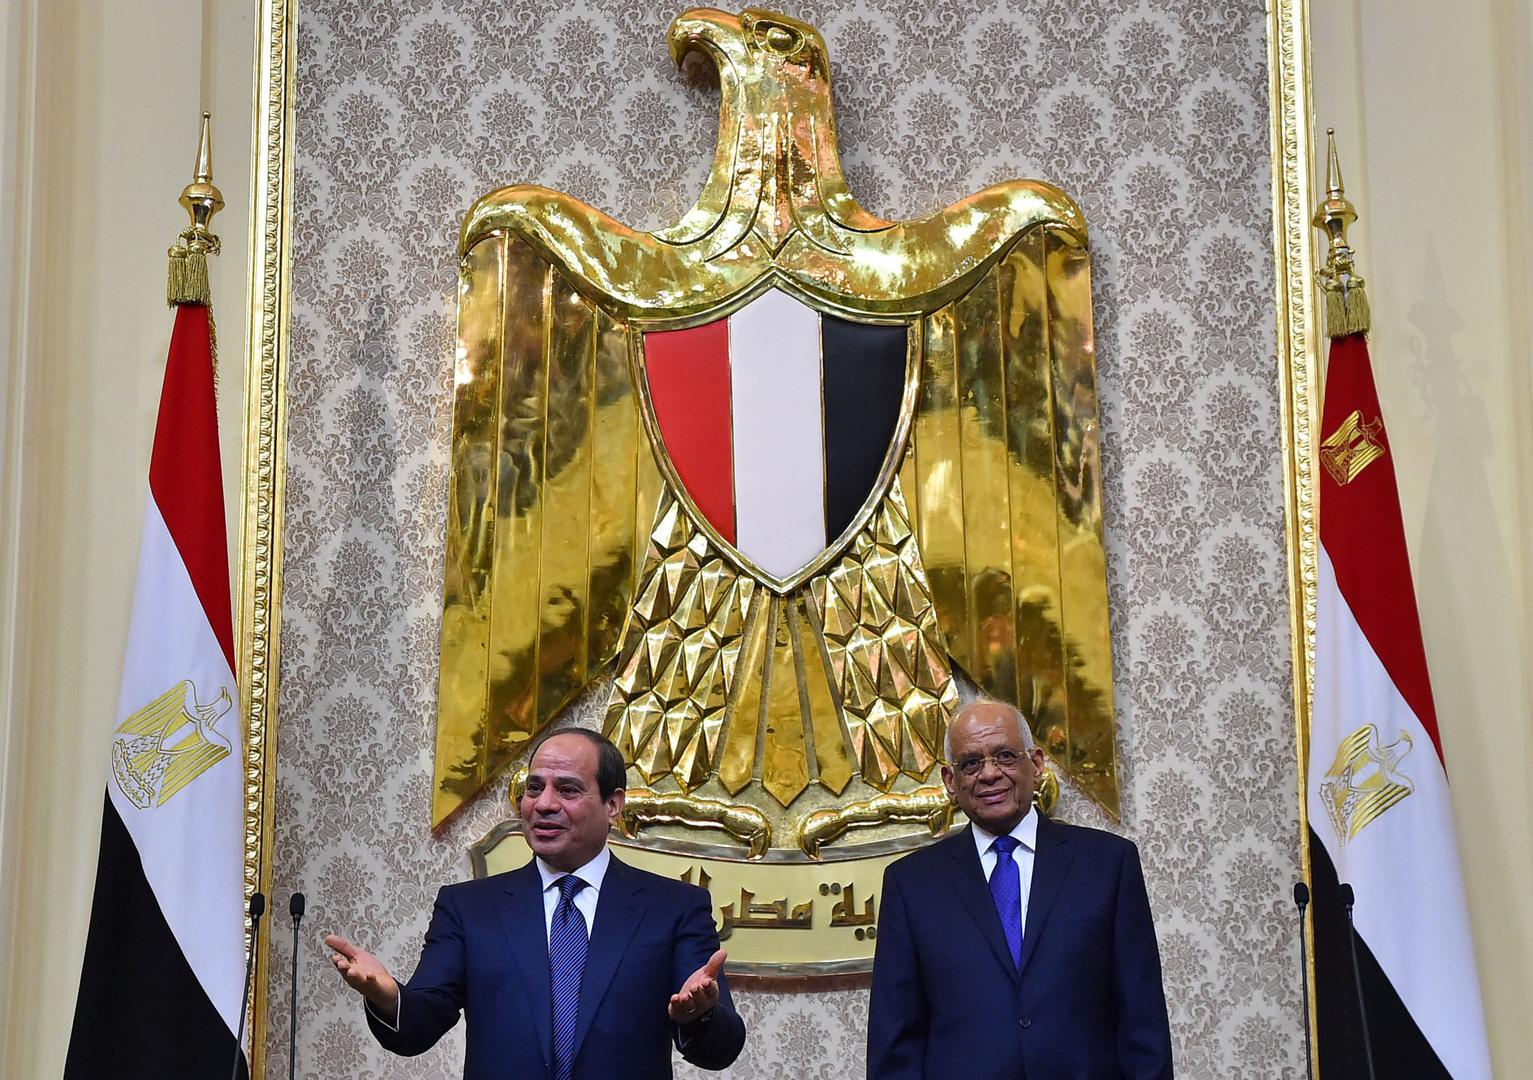 بلاغ عاجل ضد برلماني طالب برحيل السيسي واتهامه بقلب نظام الحكم